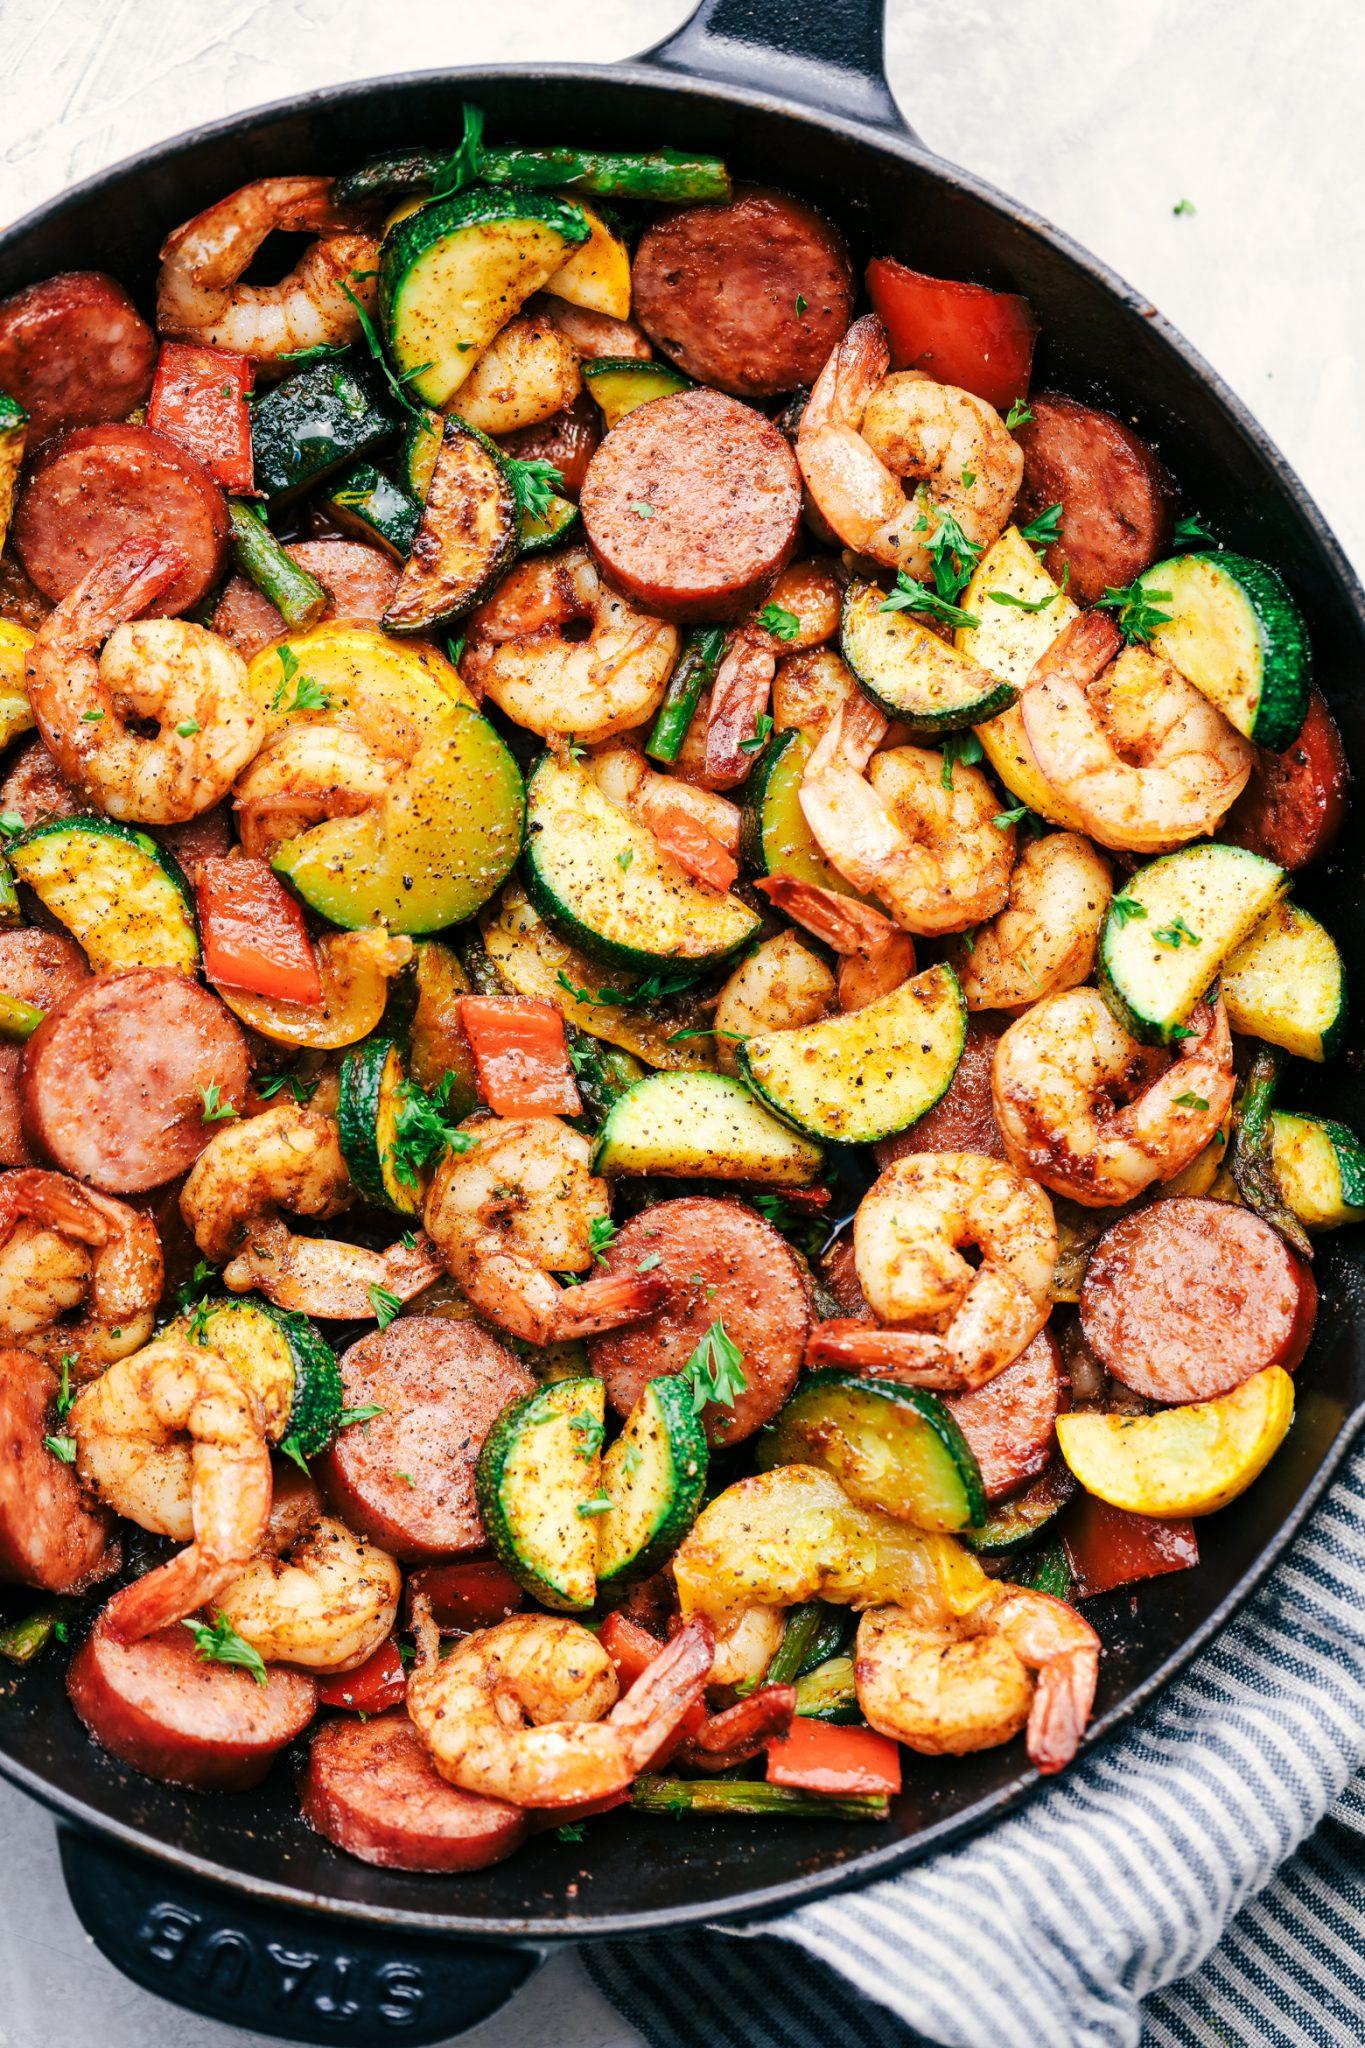 Shrimp and Sausage Skillet Paleo Meal